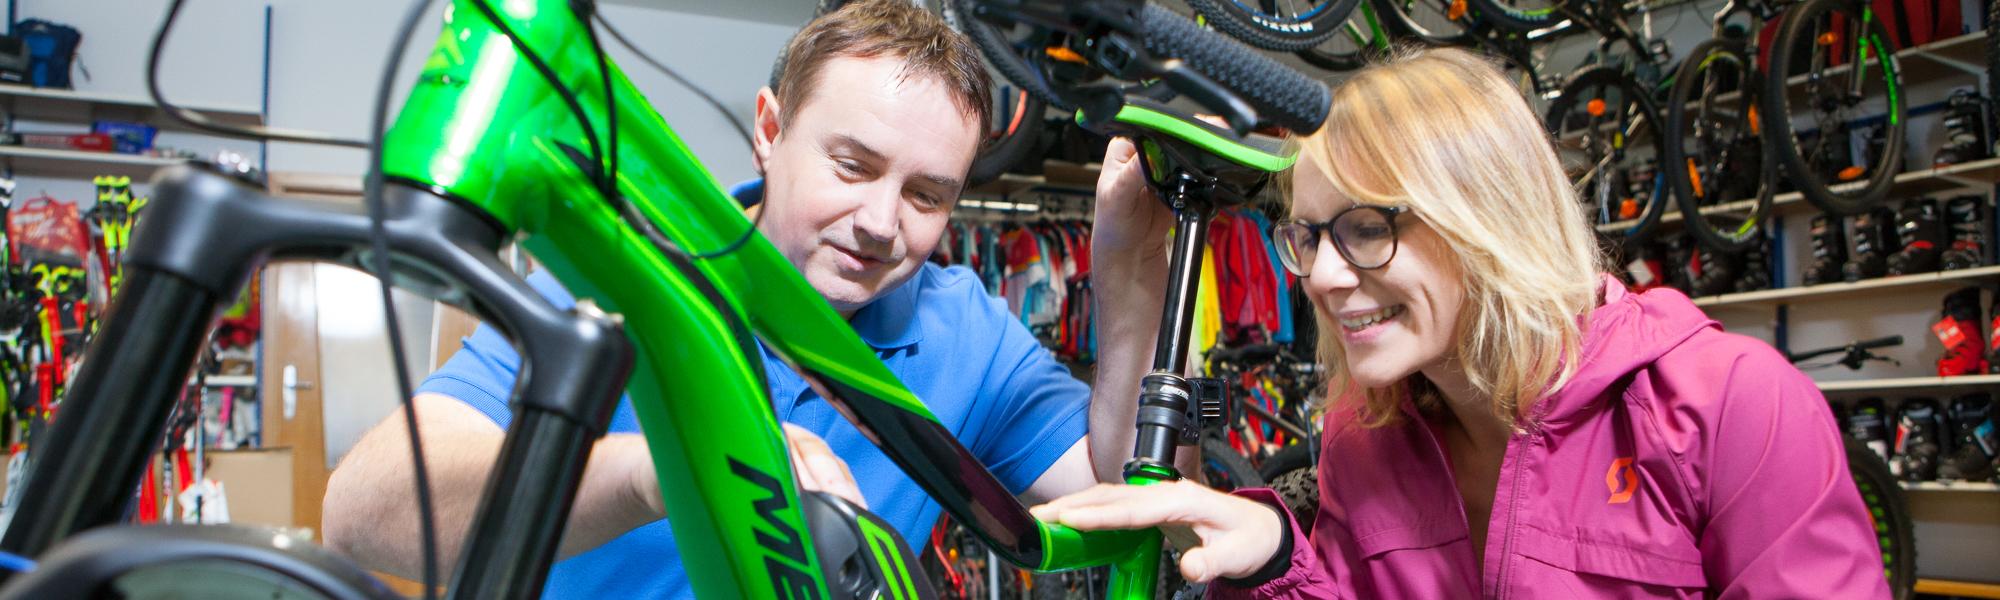 Fahrräder und E-Bikes ausleihen-